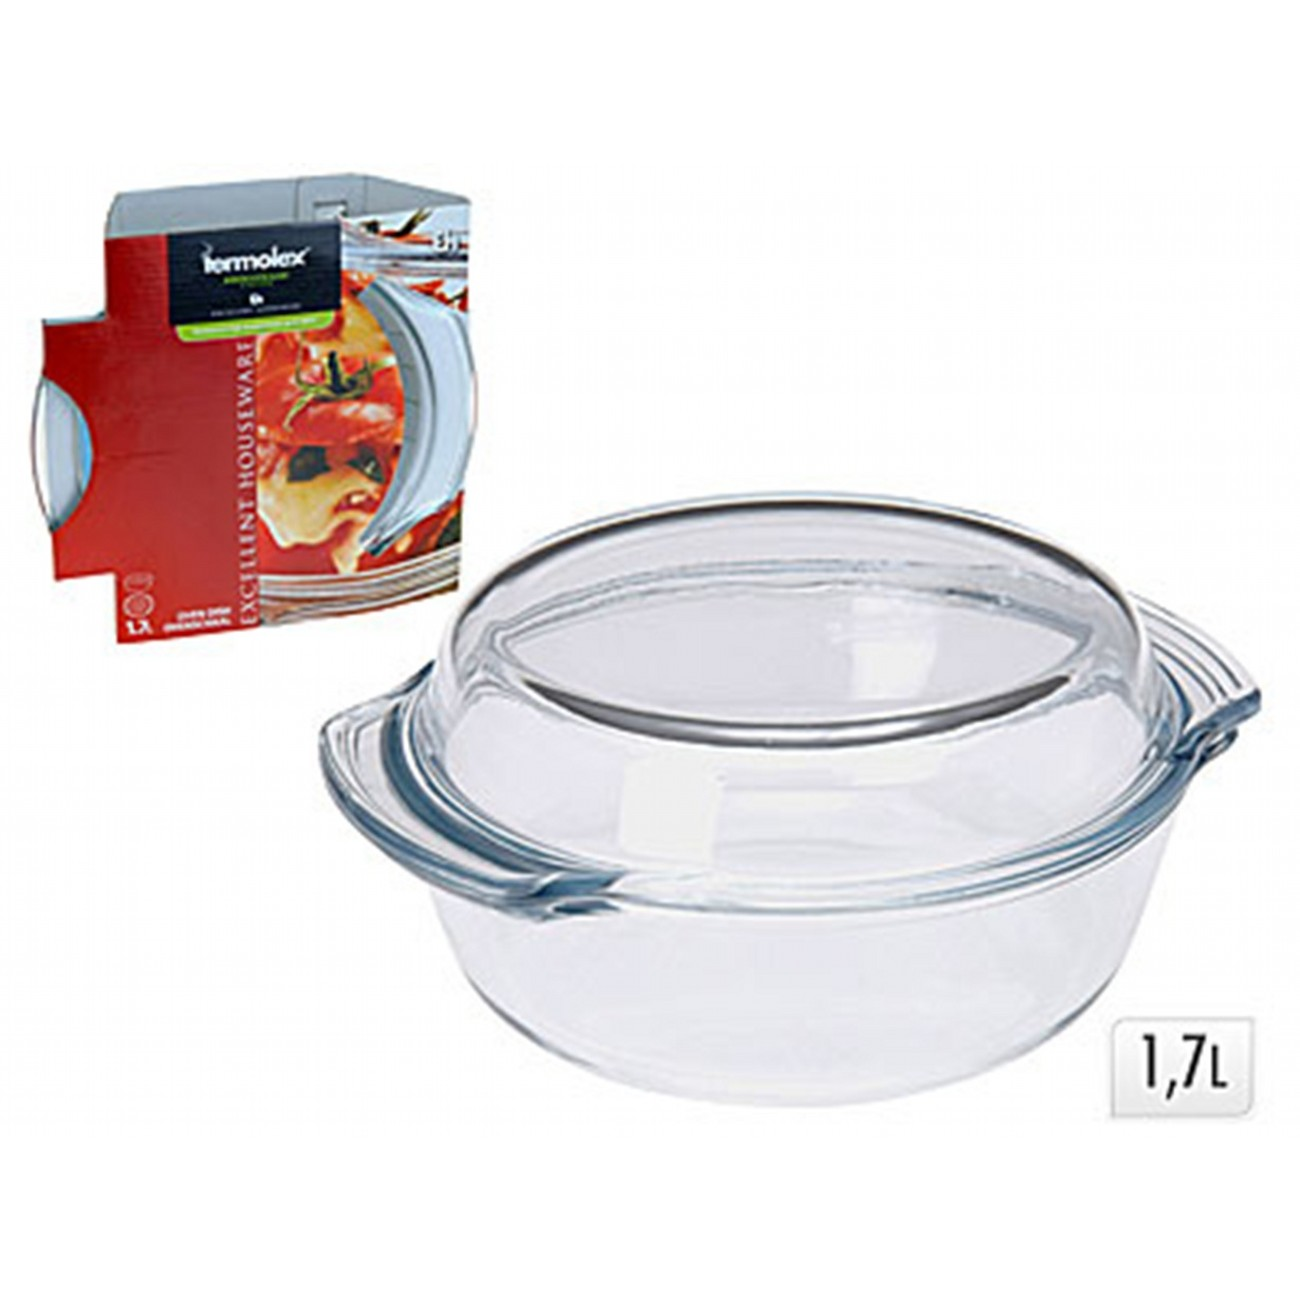 Кастрюля для запекания с крышкойExcellent Houseware производит посуду и различные предметы для дома. Форма для запекания - необходимый аксессуар современной хозяйки. С ней можно приготовить вкусное блюдо в духовке.<br>